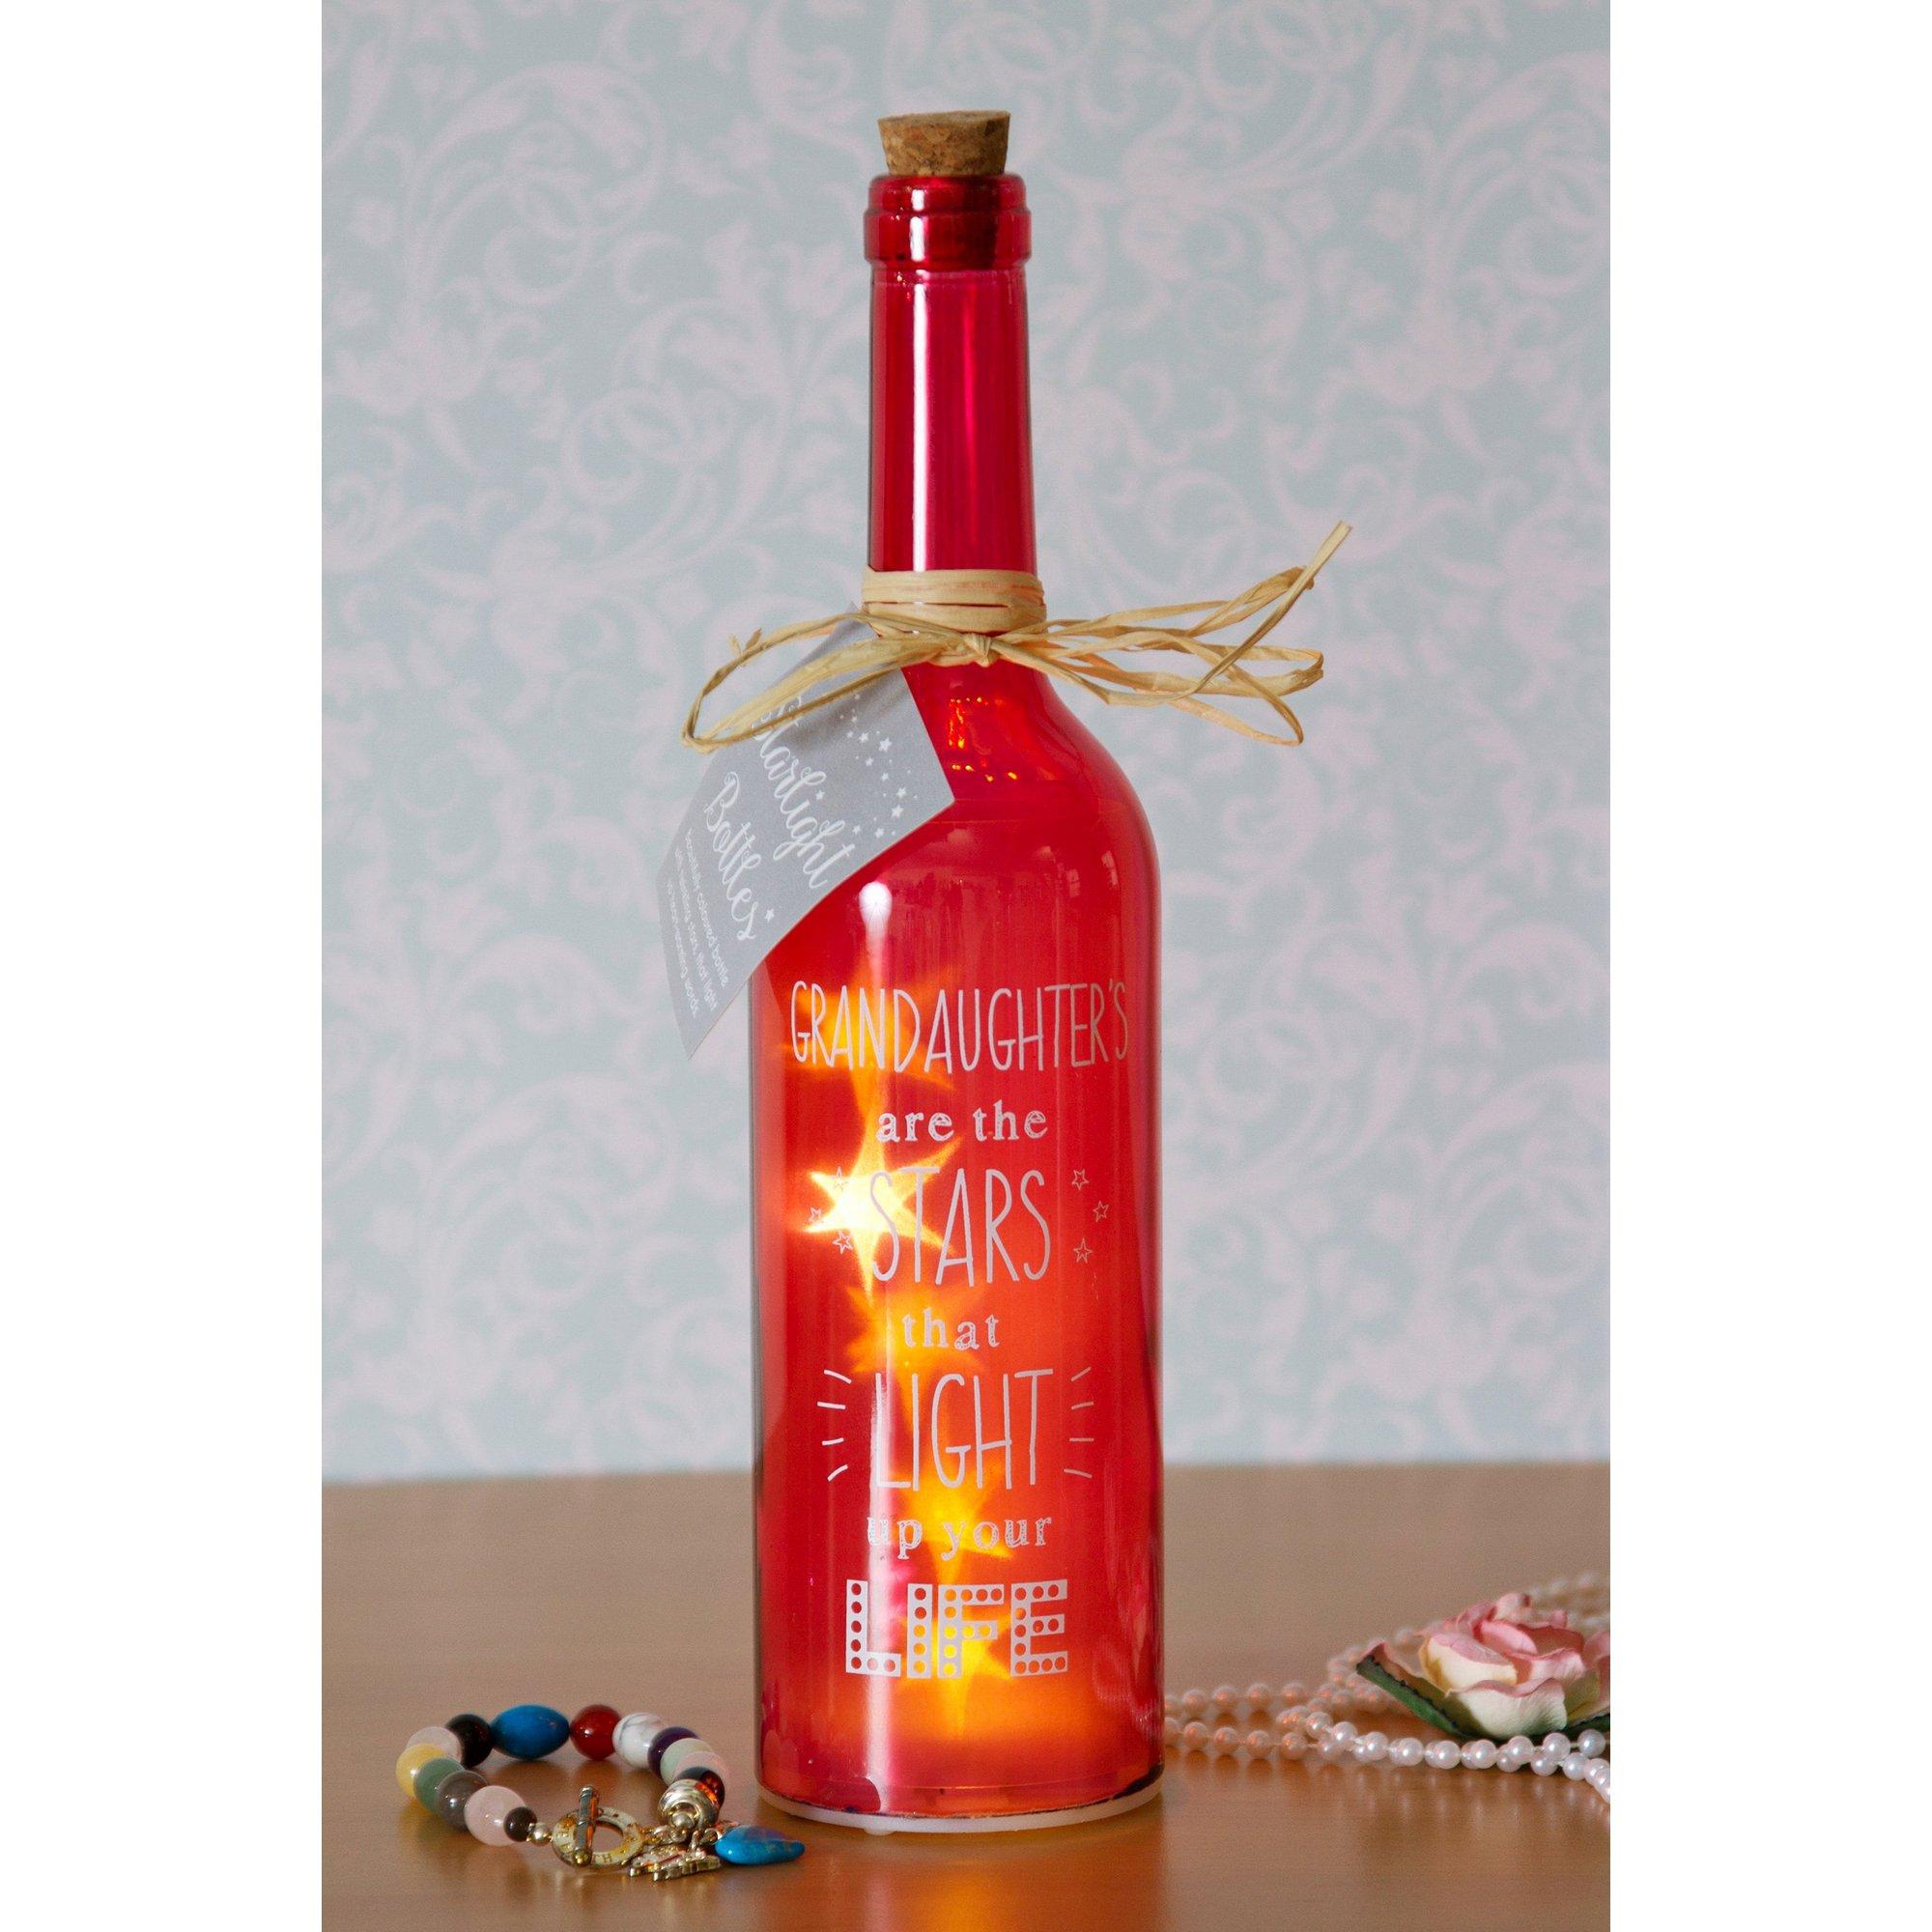 Image of Granddaughter - Starlight Bottle